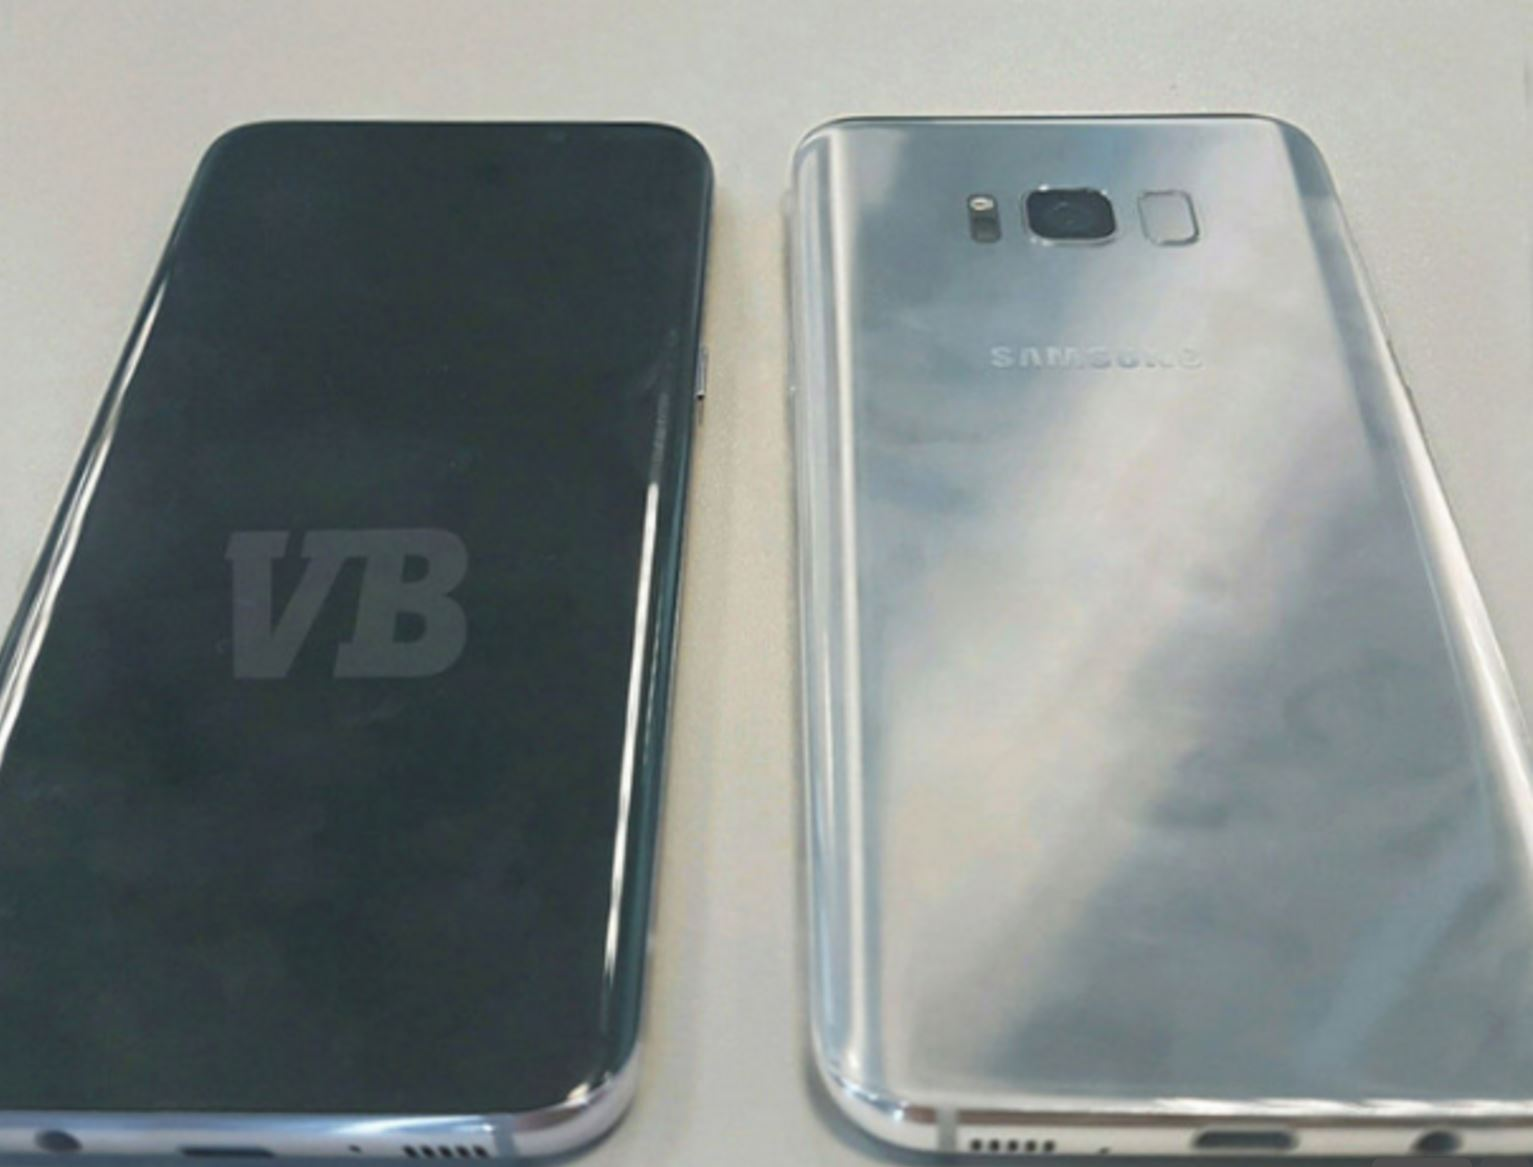 قابهای تولید شده برای گلکسی S8 و S8 Plus از سنسور پشتی اثرانگشت در این محصول حکایت دارند